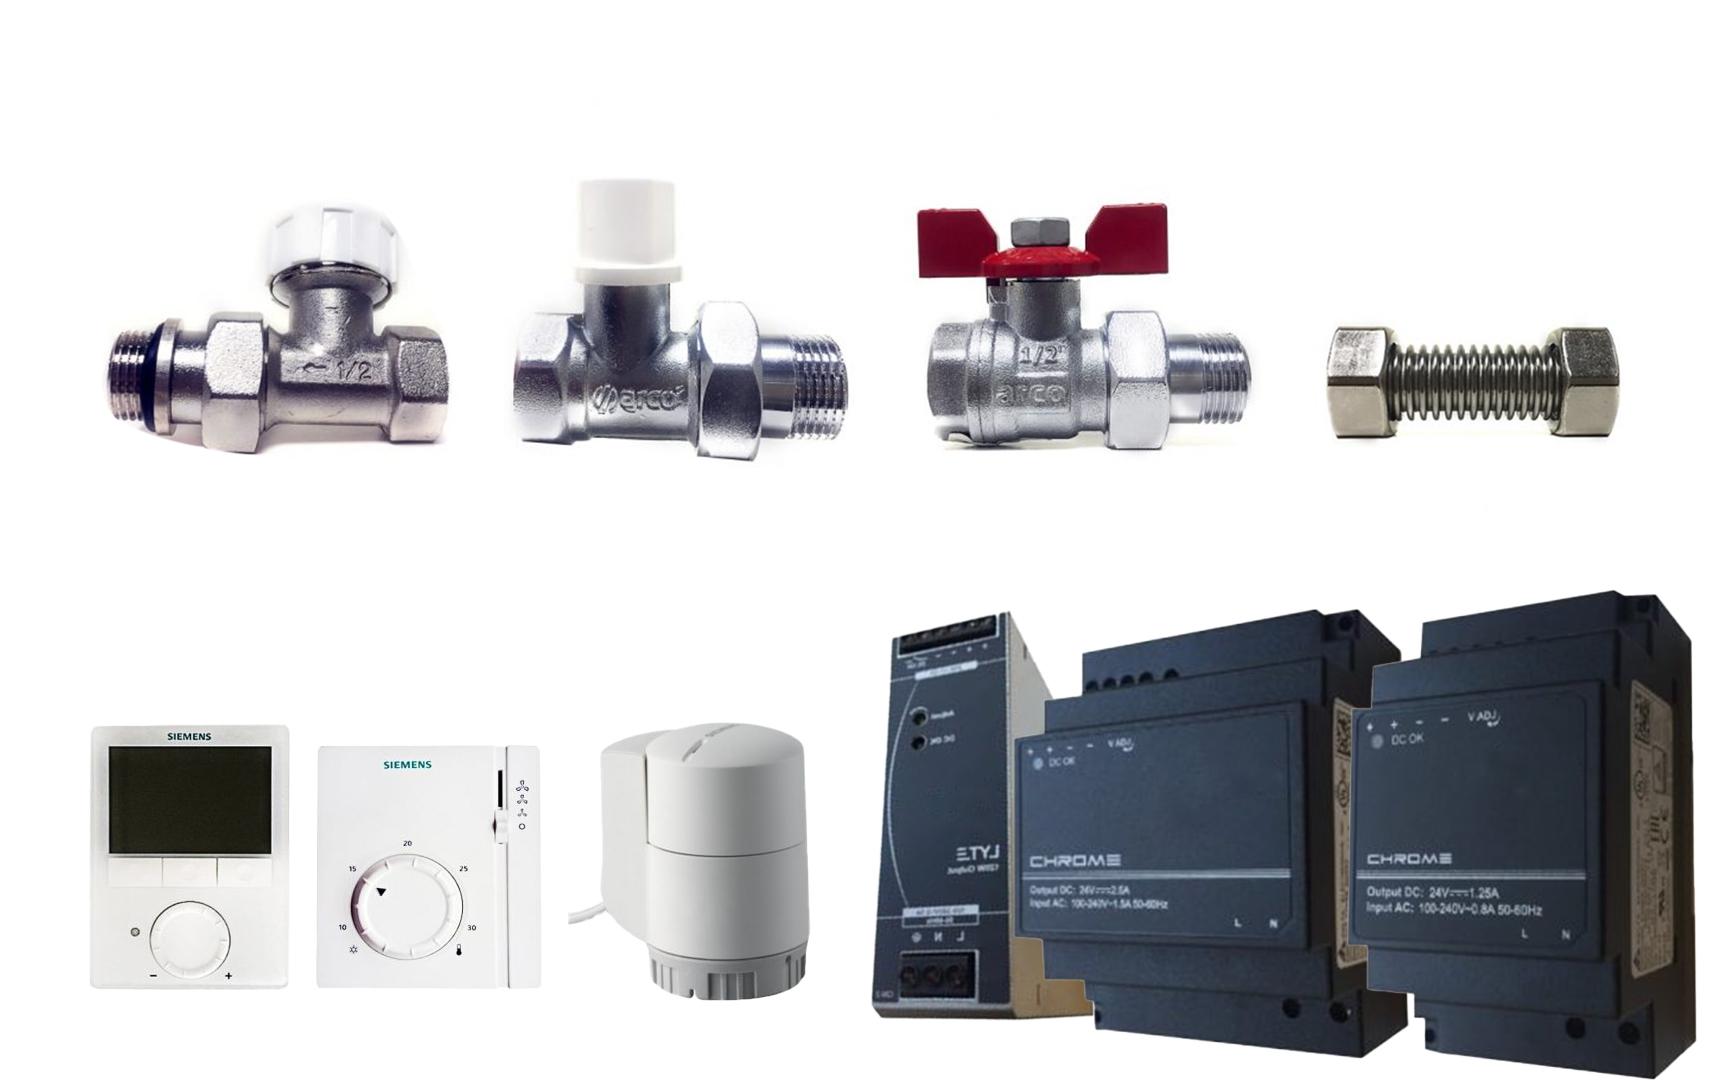 Convectors accessories